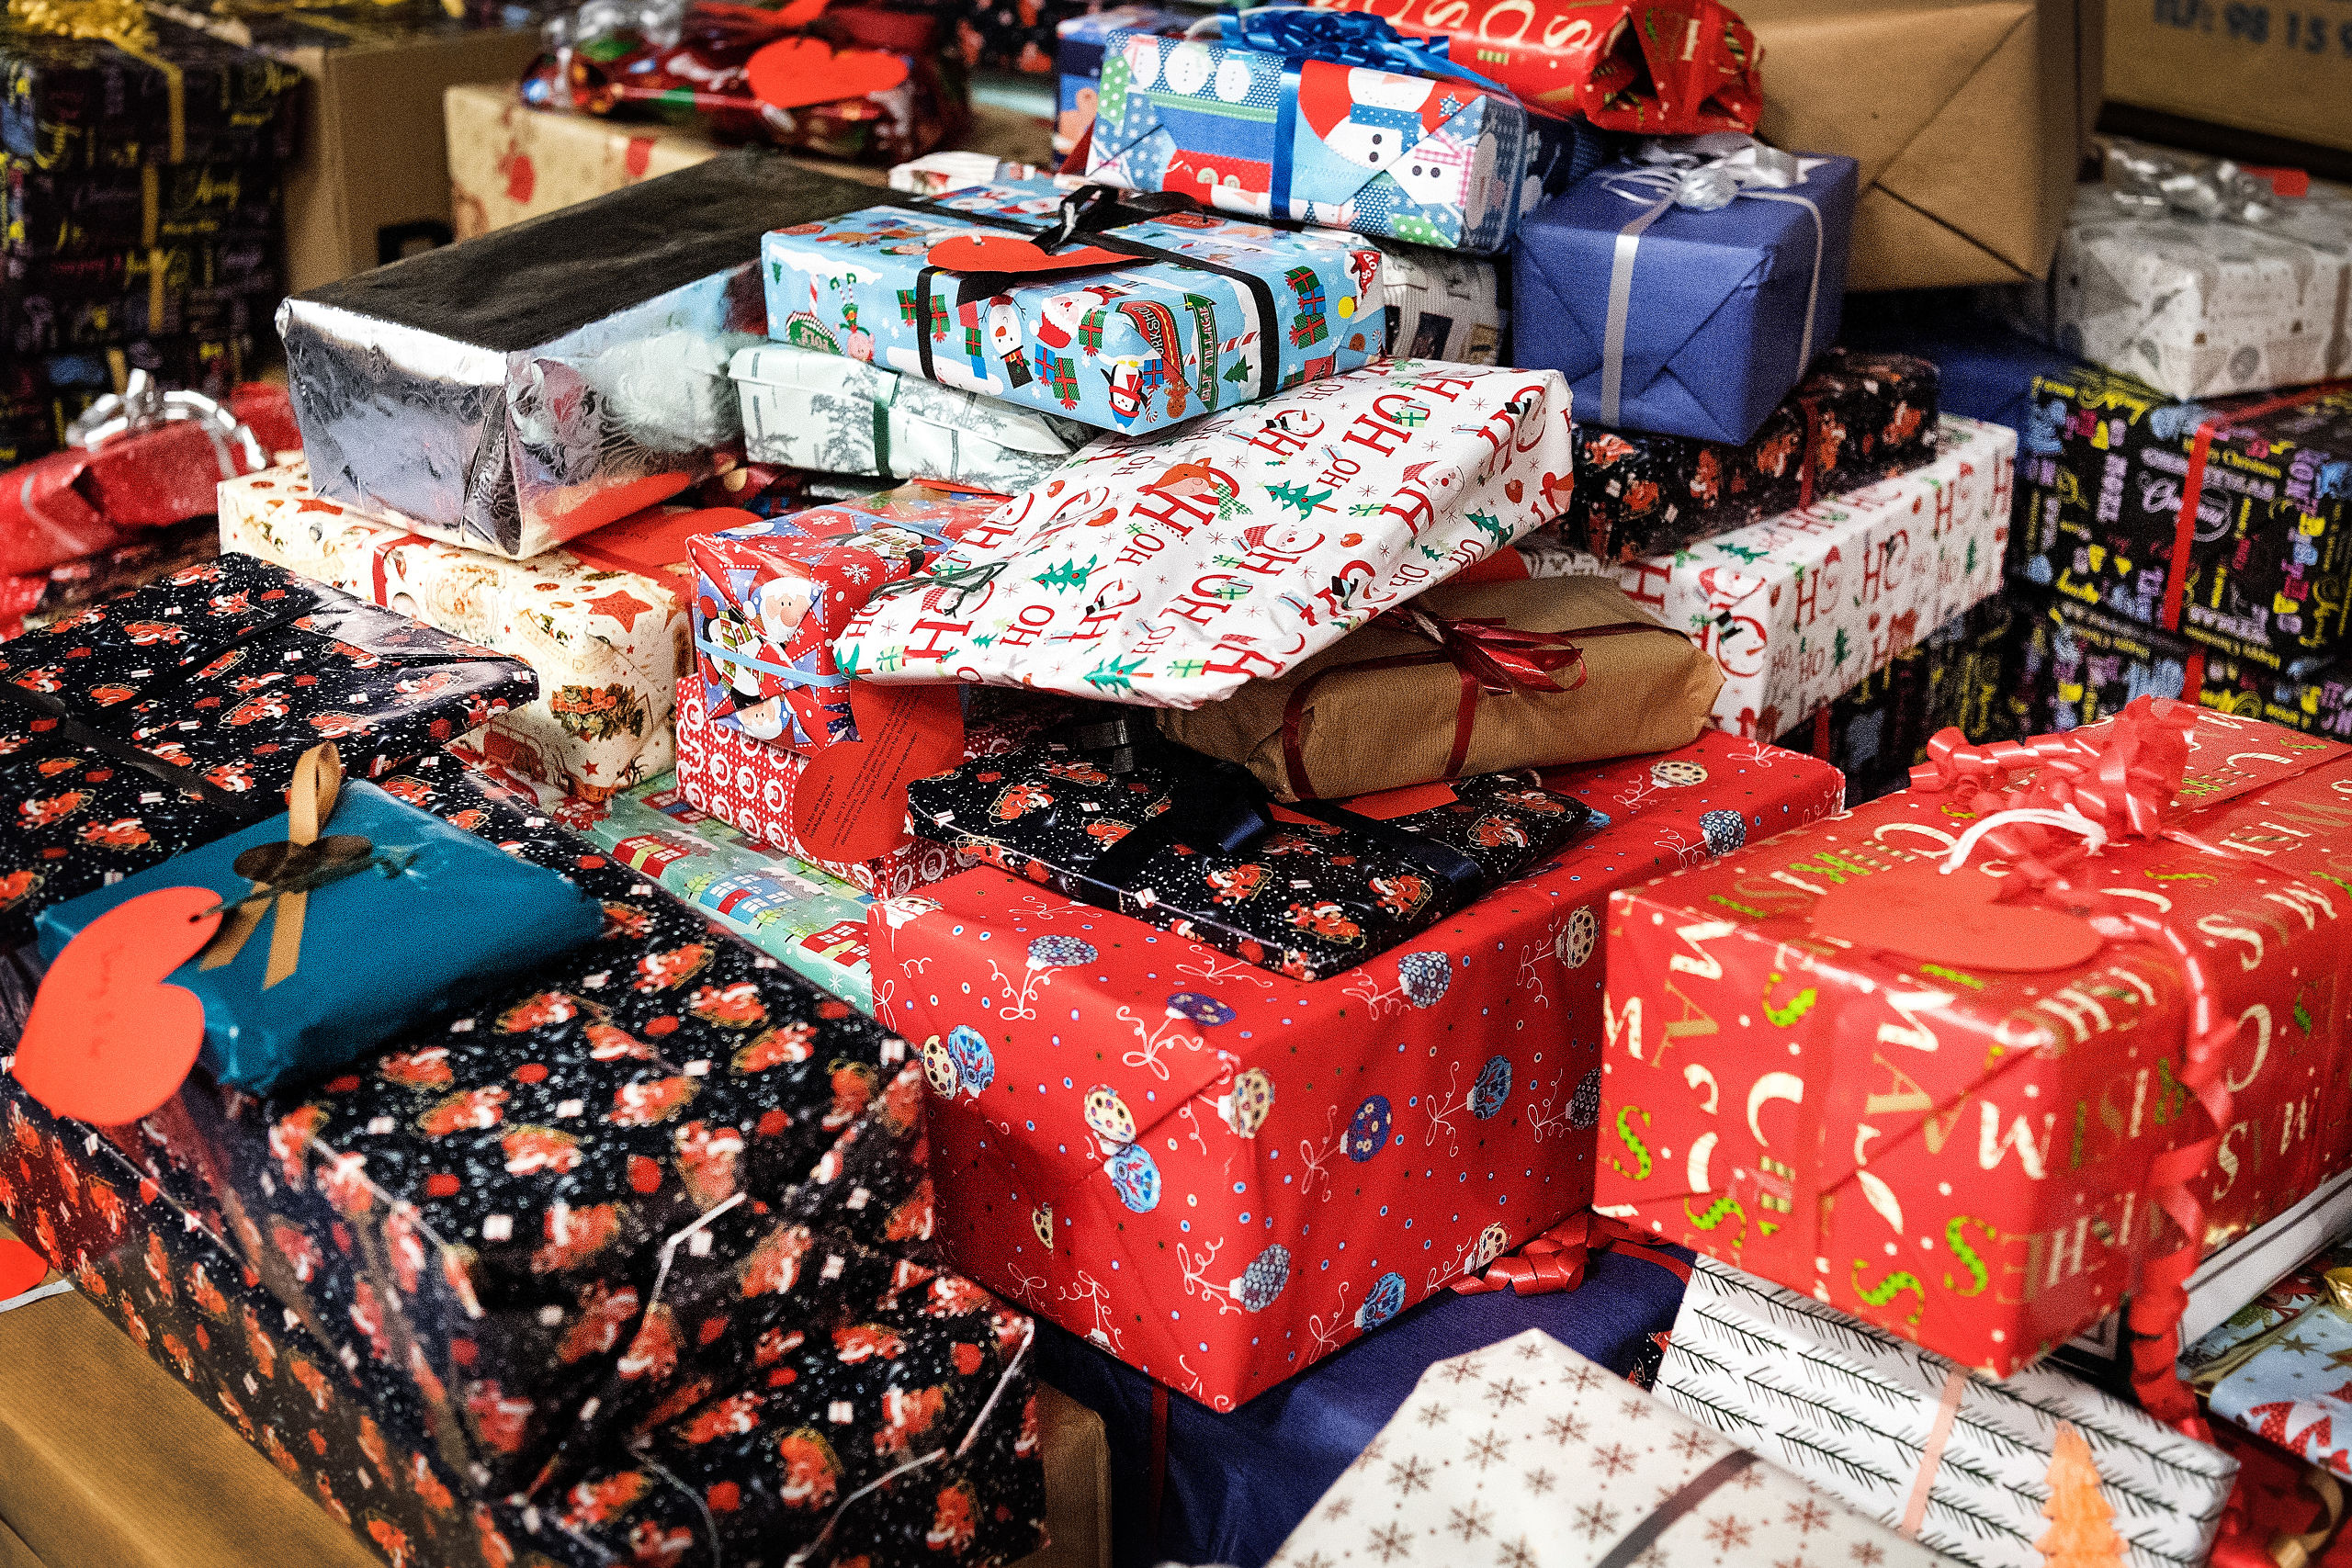 Julekurven er til hele familien, og der er også en julegave til børnene. Arkivfoto: Torben Hansen